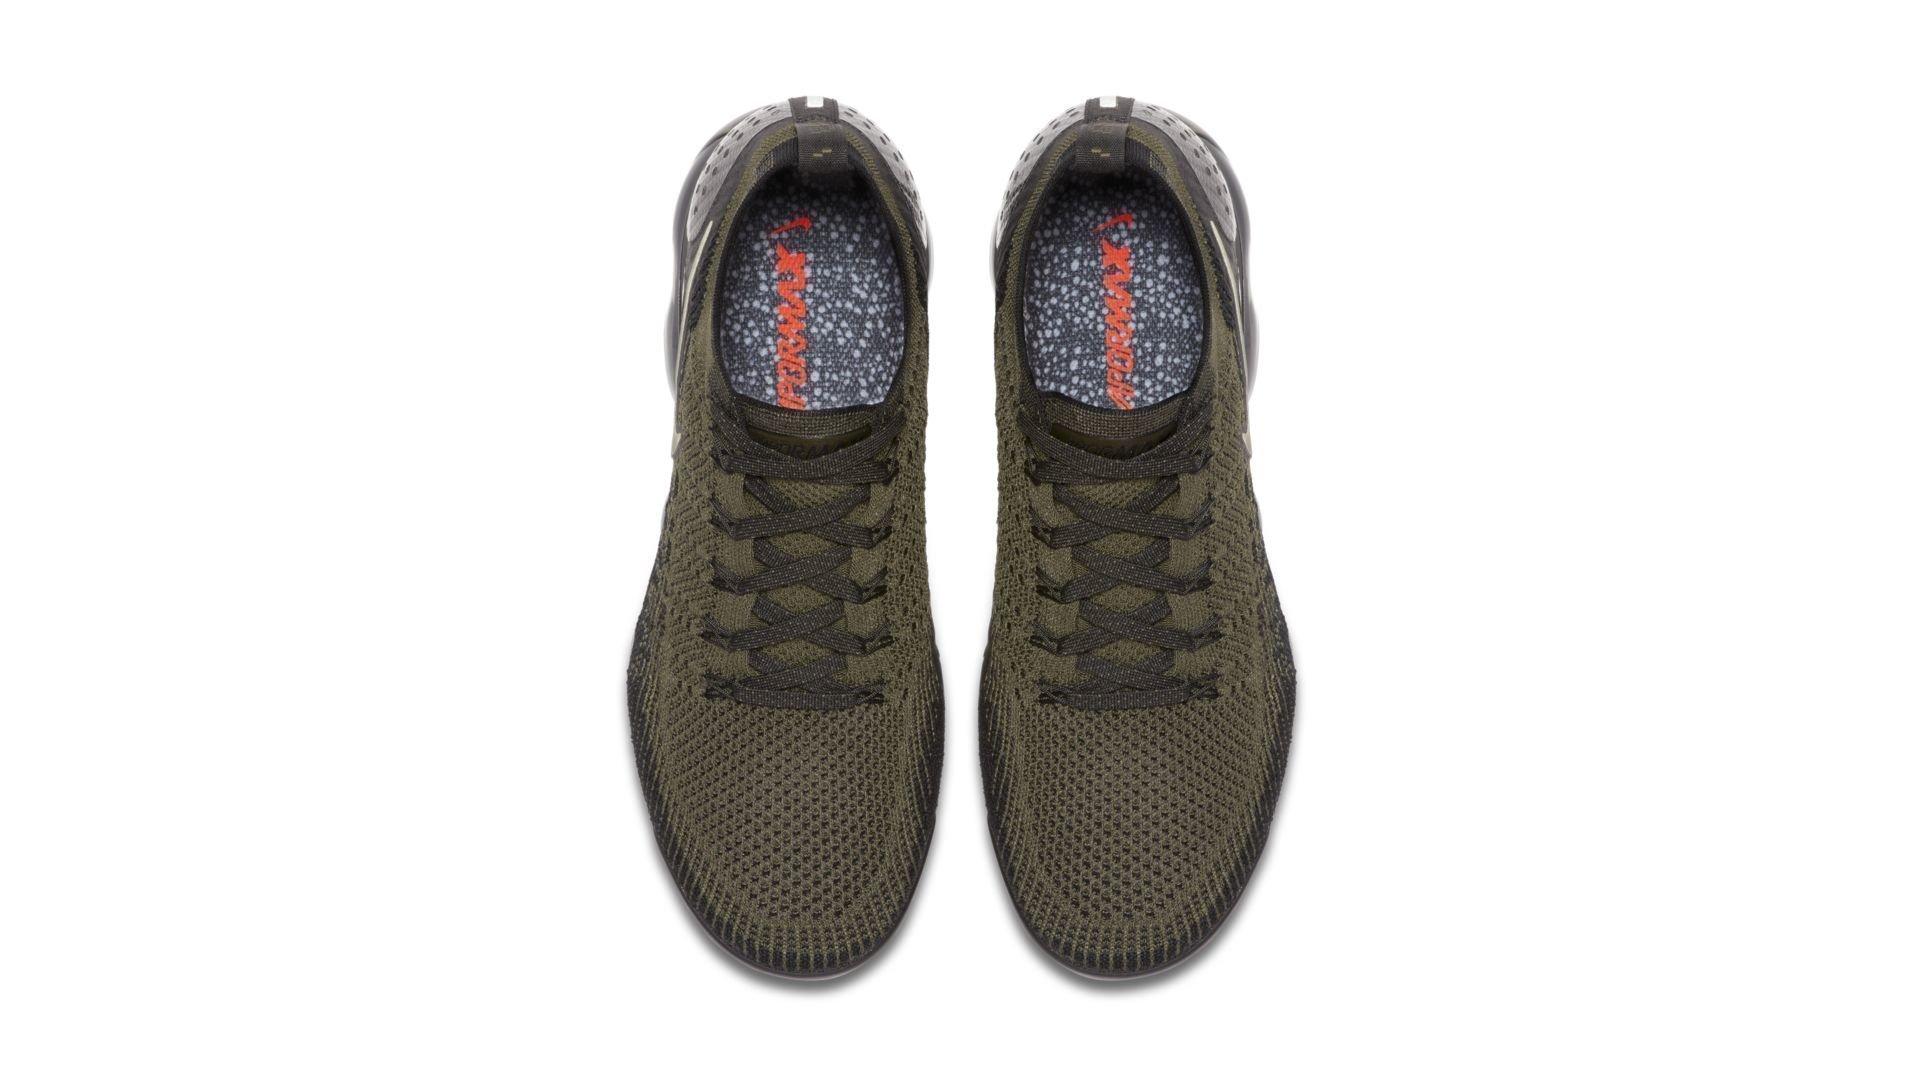 Nike Air VaporMax Safari Animal Pack 'Snake' (AV7973-300)